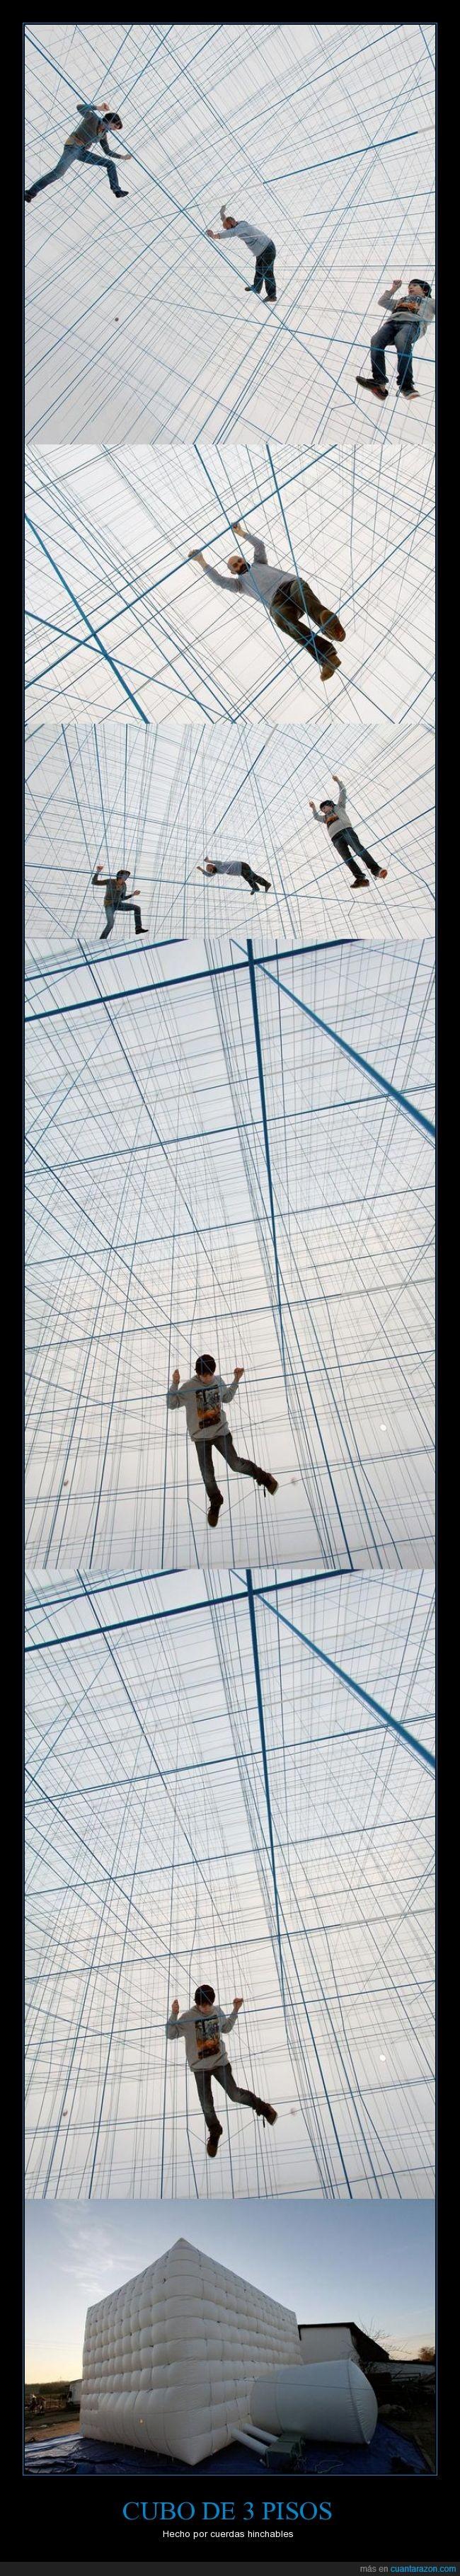 cubo,cuerda,dentro,edificio,jugar